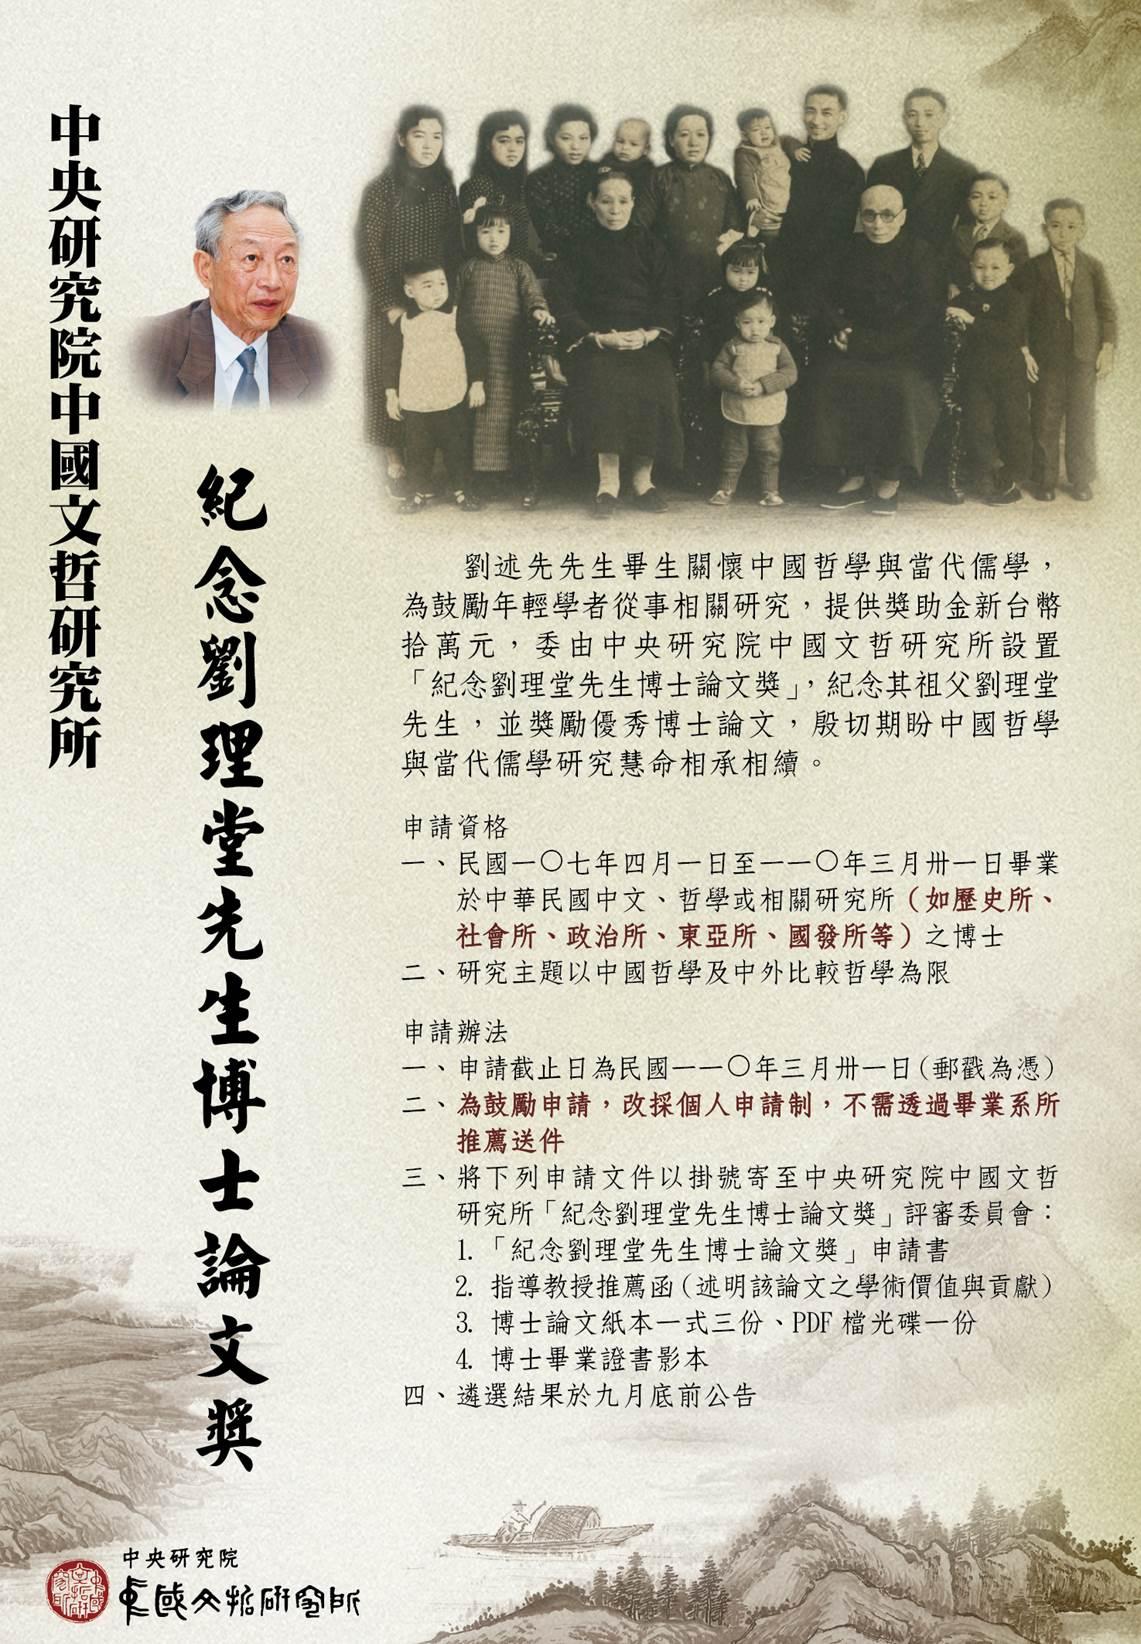 【獎助】中研院文哲所2021年「紀念劉理堂先生博士論文獎」